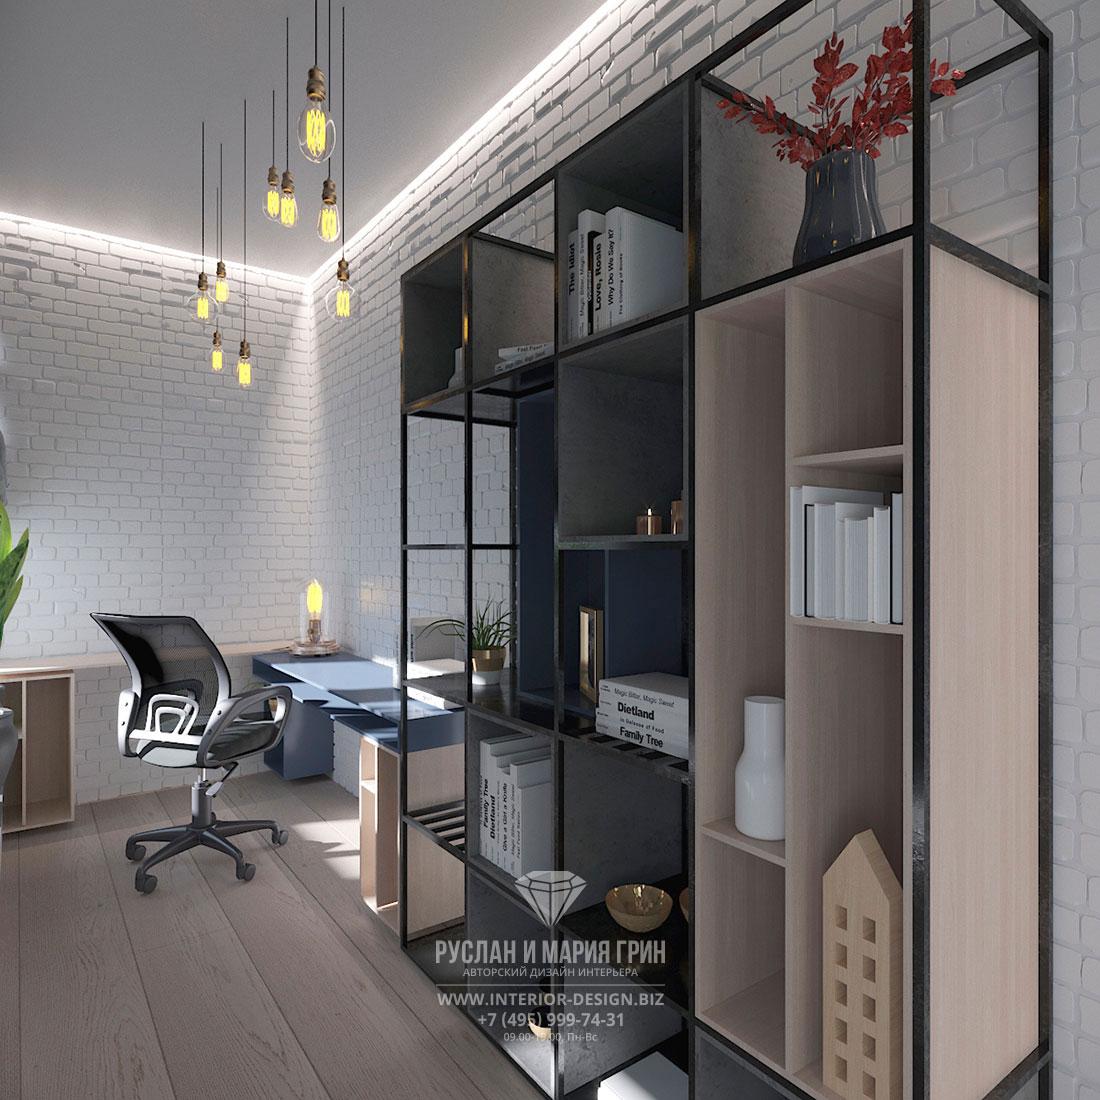 Дизайн балкона в стиле современный лофт с мини-кабинетом